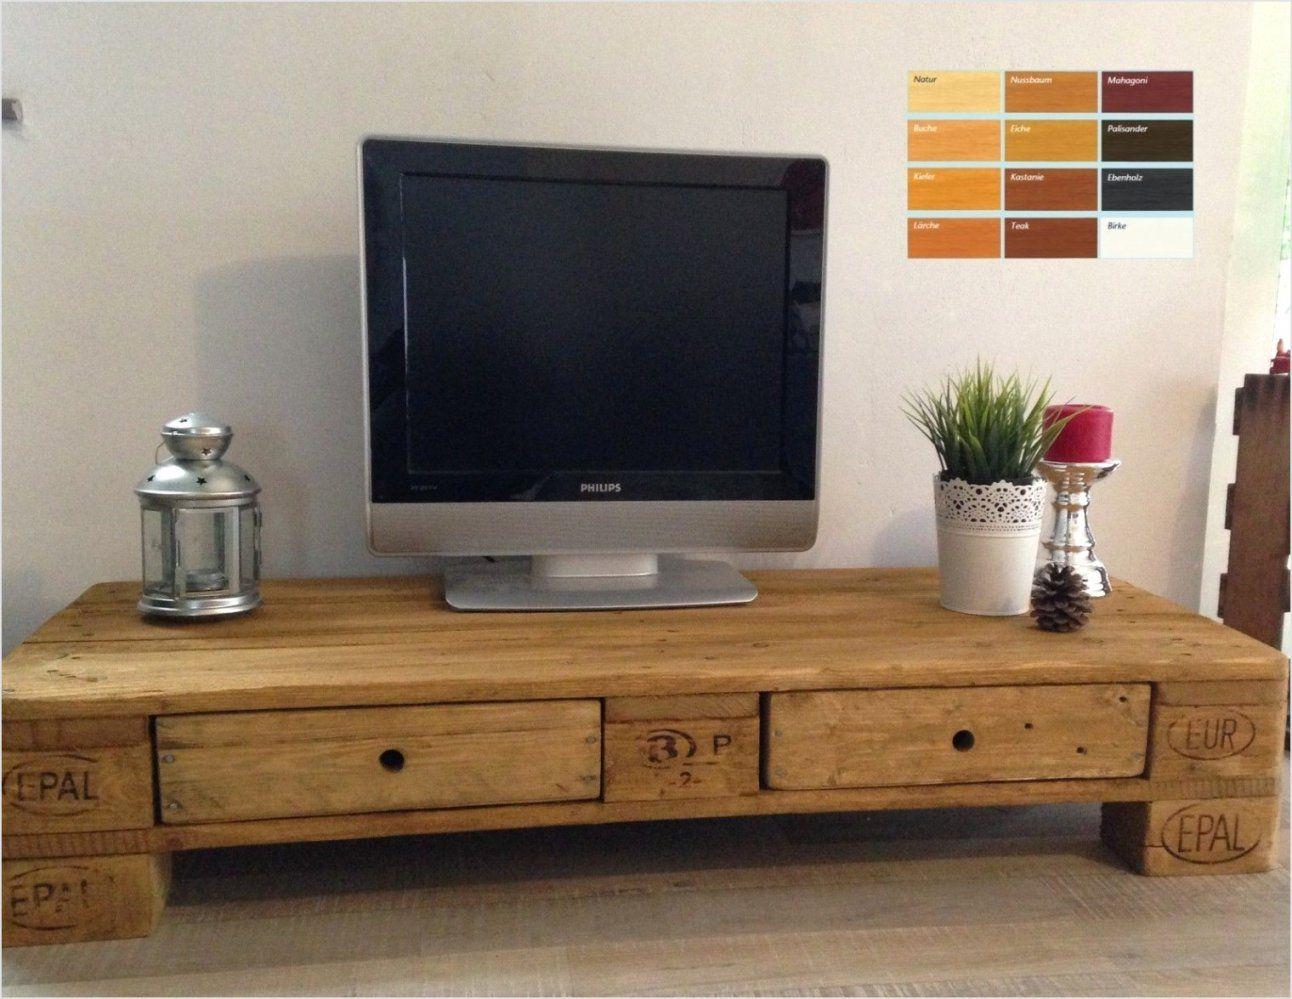 Neueste Erstaunlich Tv Möbel Selber Bauen Wohndesign Cool Fernseher von Tv Möbel Selbst Bauen Bild